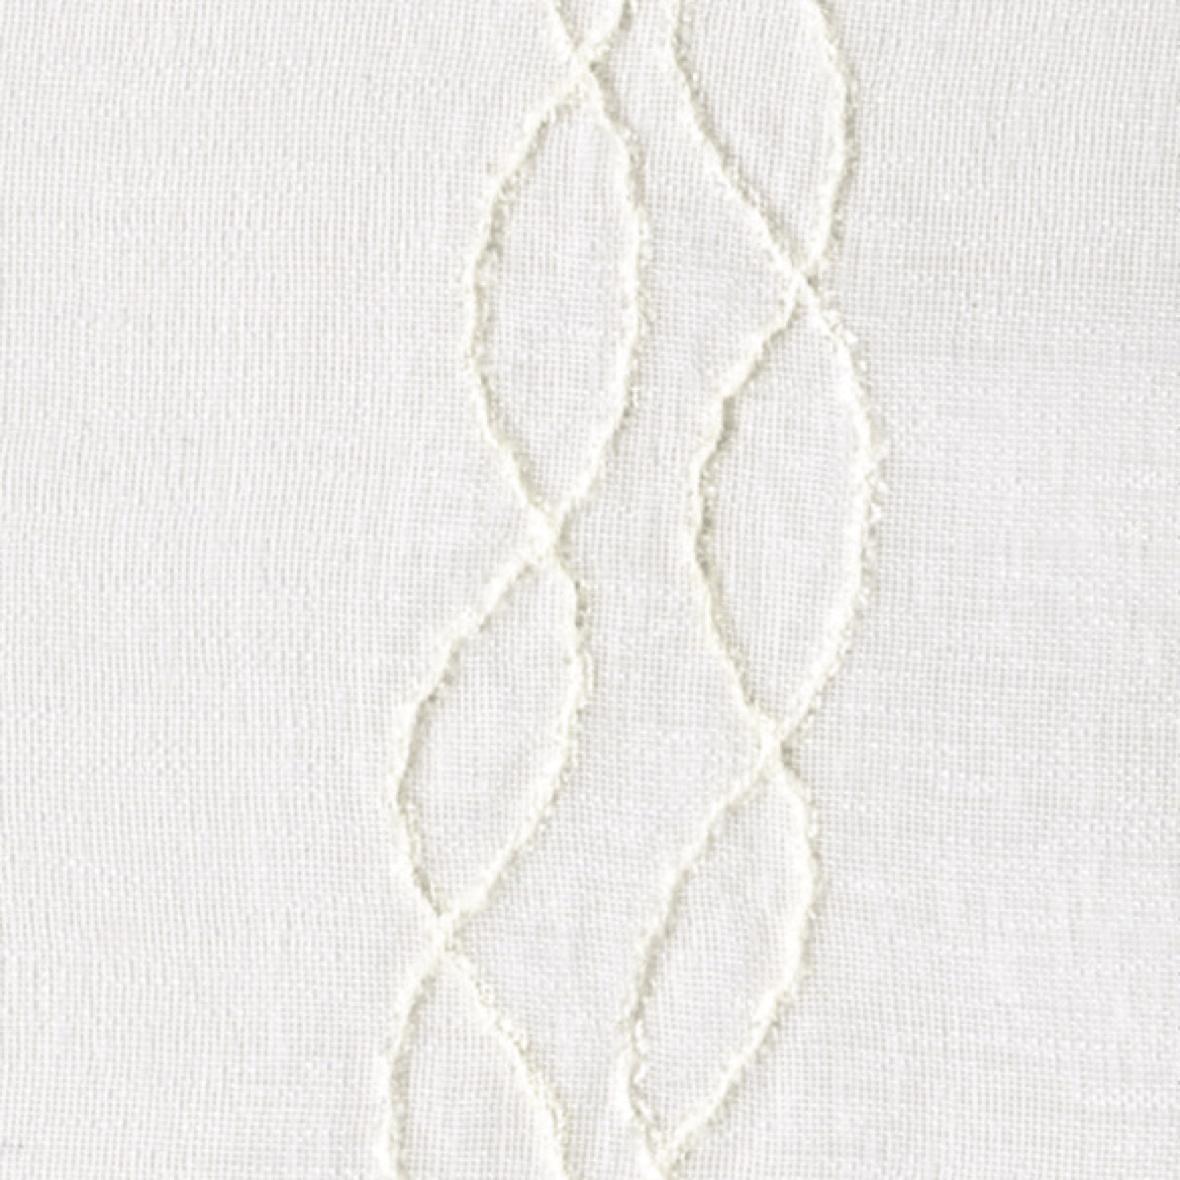 G-1046 レースH 1.5 S 200*160 標準縫製1.5倍ヒダ オーダーカーテン0